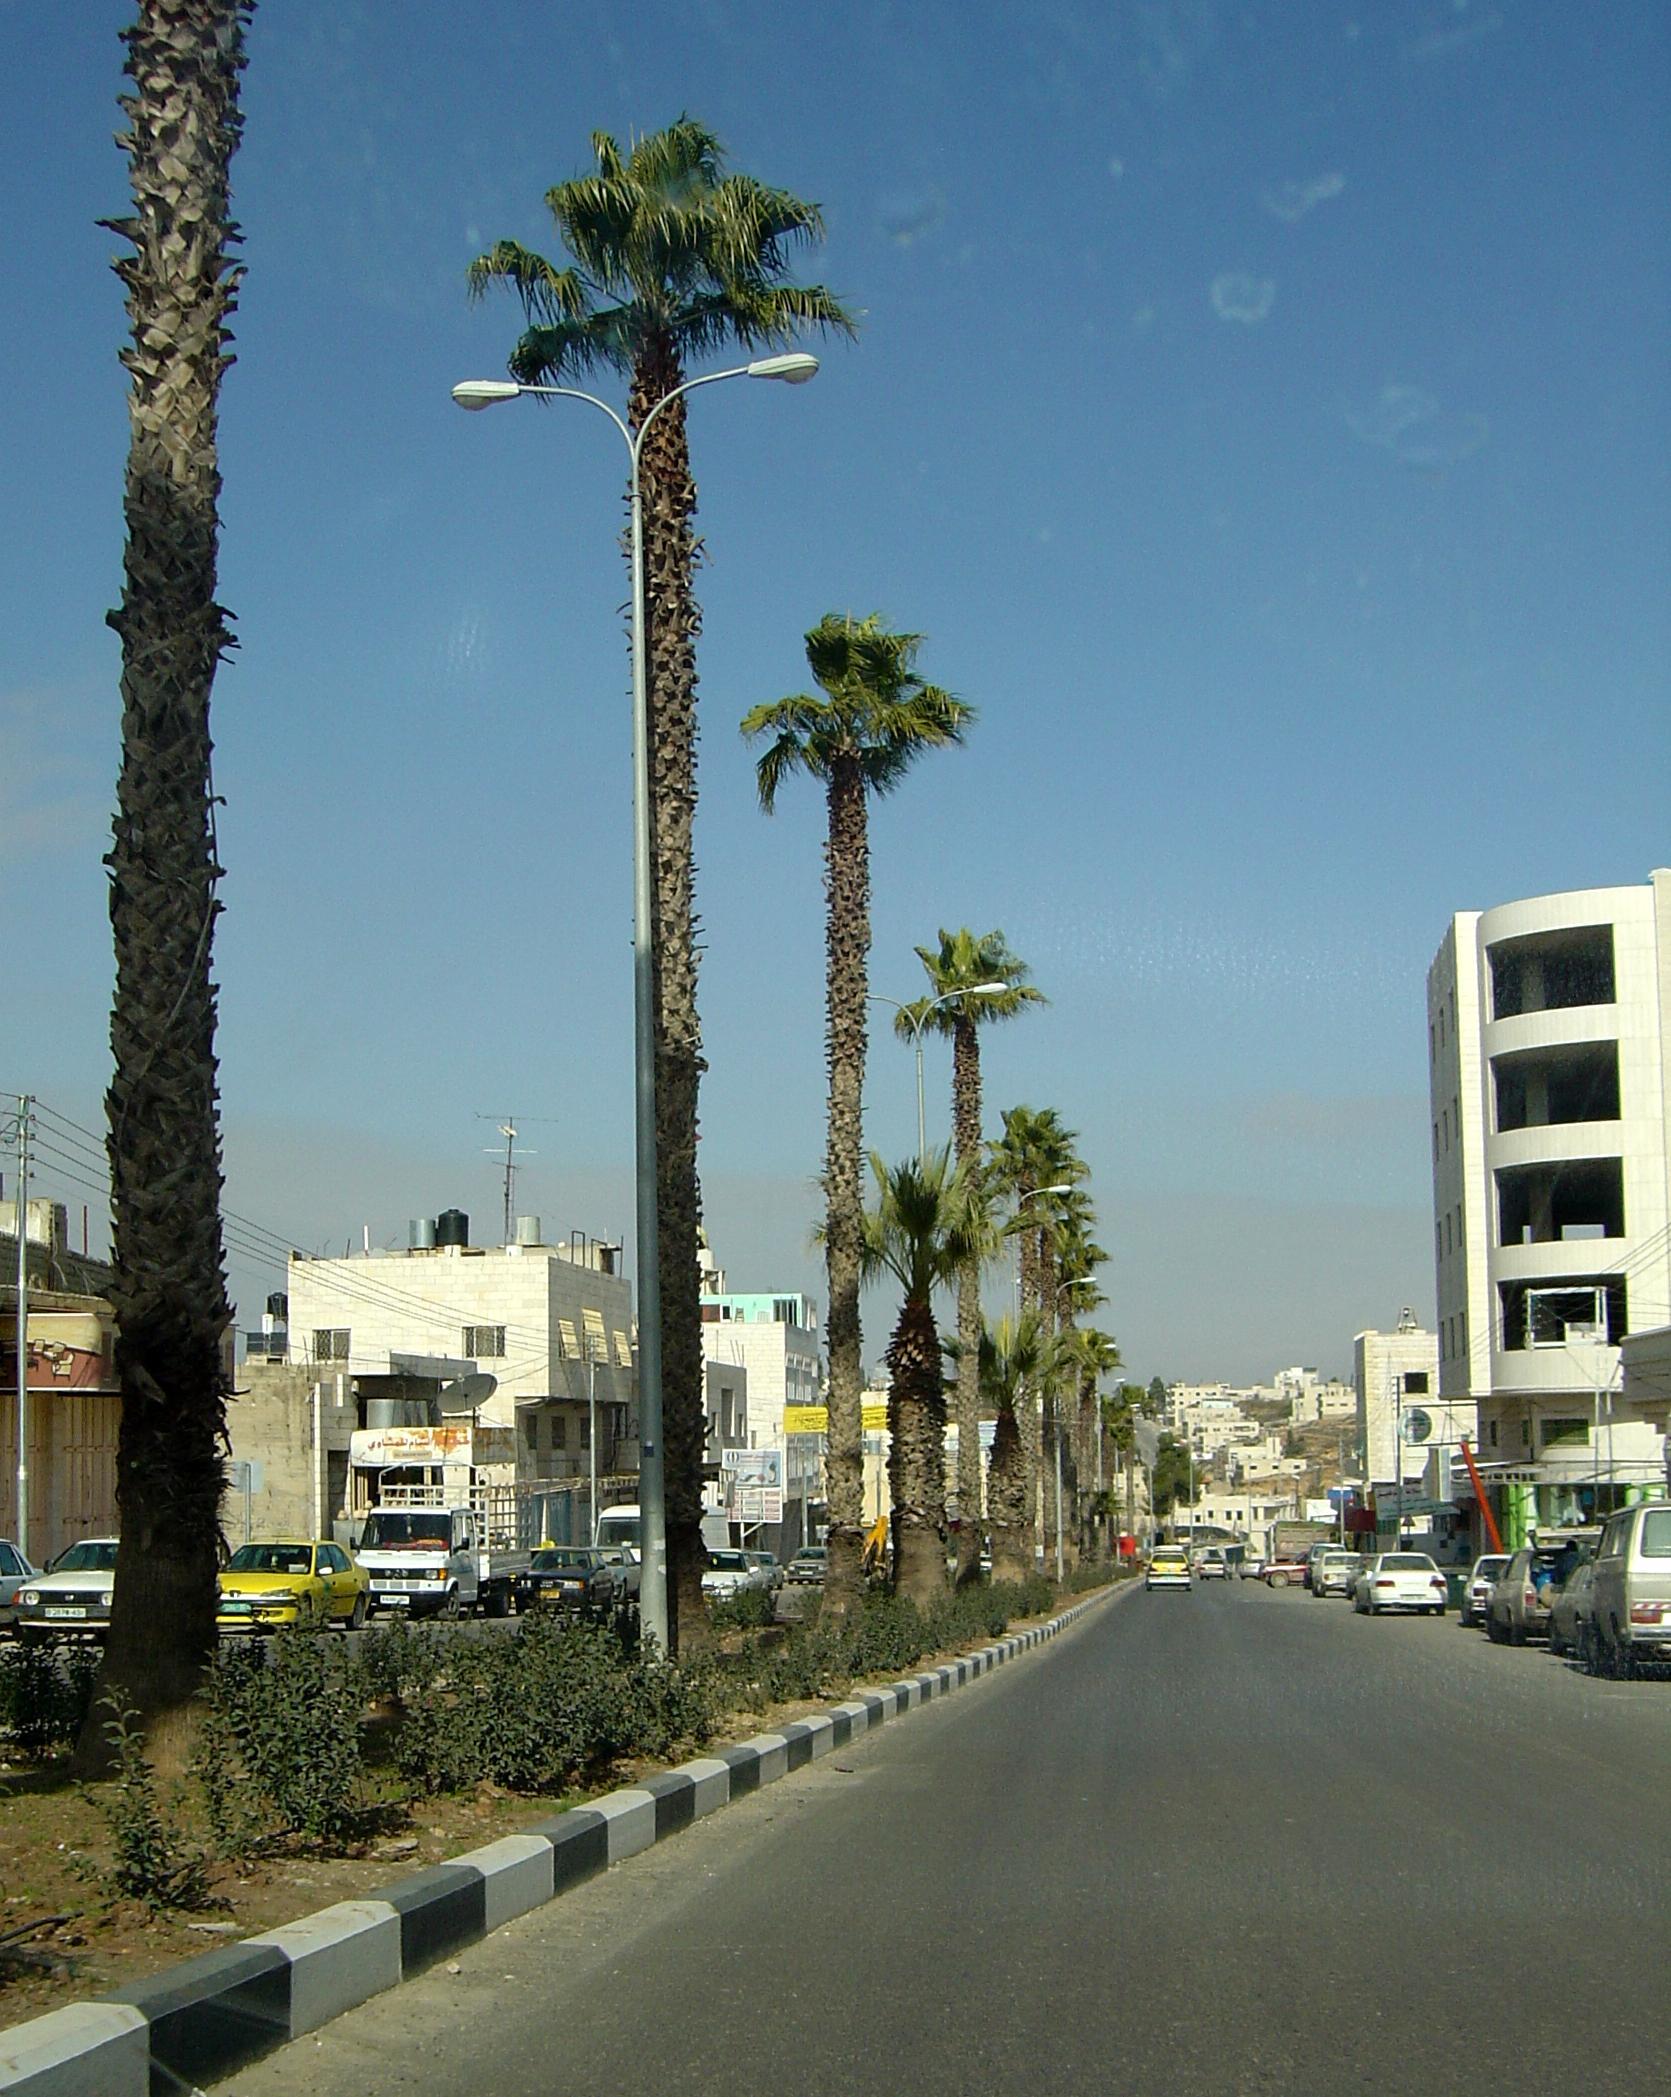 Hebron-الخليل: الطريق الرئيسي المؤدي لبيت لحم والقدس.